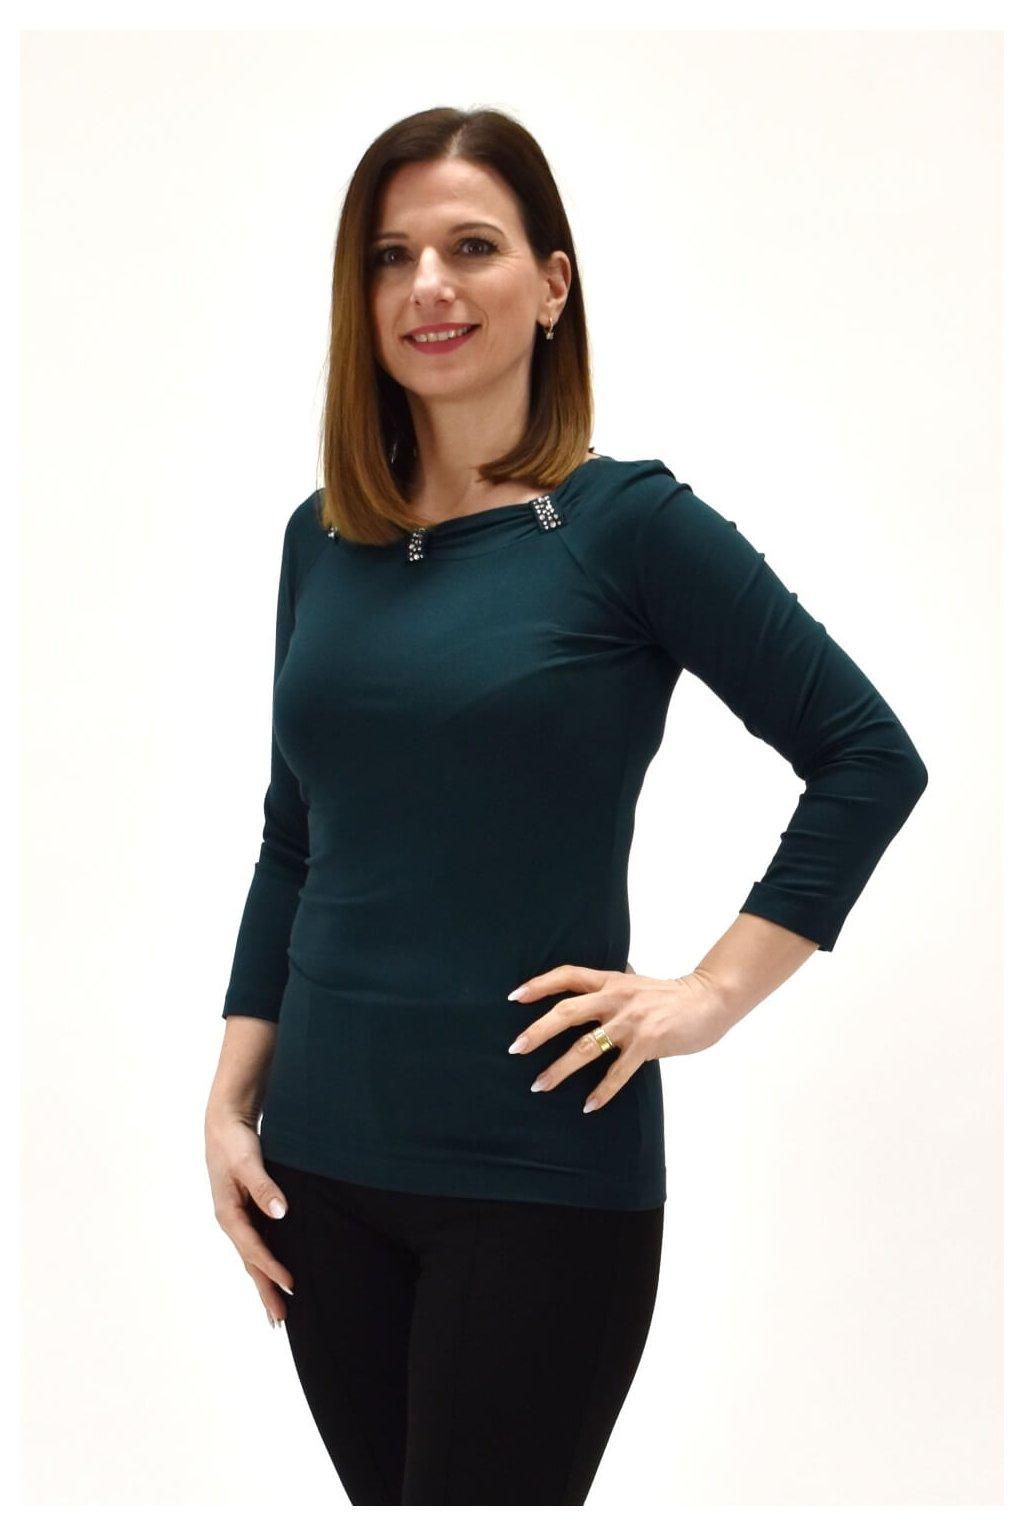 Smaragdovozelené tričko s kamienkamiMISIAM 3,4 7X6 SW